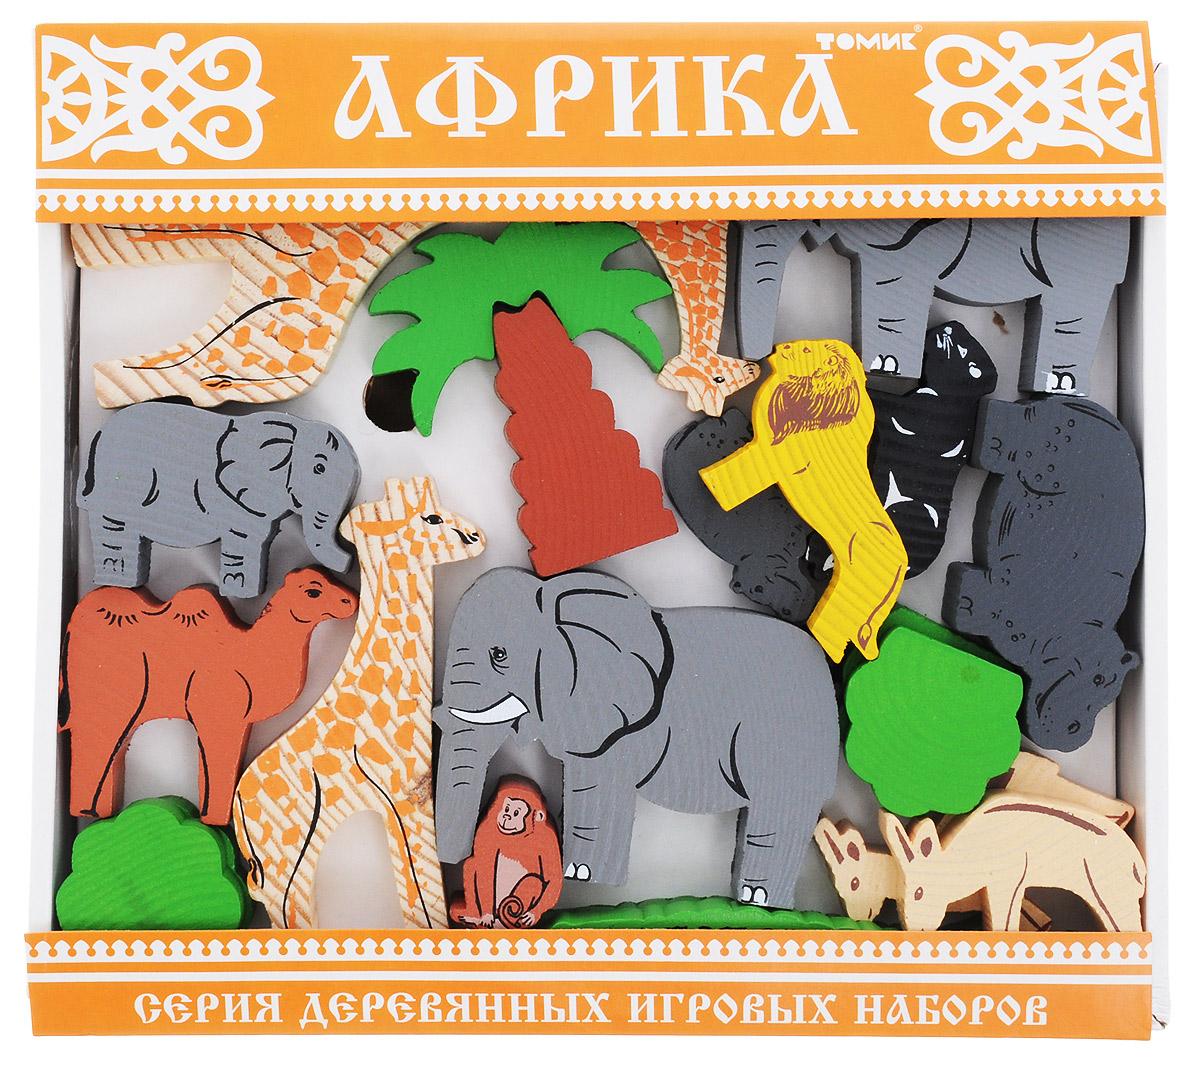 Томик Конструктор Африка7678-4_оранжевыйКонструктор Томик Африка - отличный сюжетный деревянный конструктор, который включает в себя 35 деталей. Элементы конструктора тщательно обработаны и покрыты нетоксичной краской, поэтому играть с такой игрушкой безопасно. На деталях с двух сторон нанесены рисунки, методом шелкографии. Здесь изображены следующие взрослые животные с их малышами: слоны, бегемоты, львы, жирафы, обезьяны, верблюды и другие. Малышам будет приятно держать в руках фигурки животных, они довольно крупные, на ощупь очень приятные и очень похожи на живых. Цветные элементы подарят ребенку массу положительных эмоций и помогут создать свой сказочный городок. Конструирование способствует развитию пространственного мышления, глазомера, координации и мелкой моторики рук.